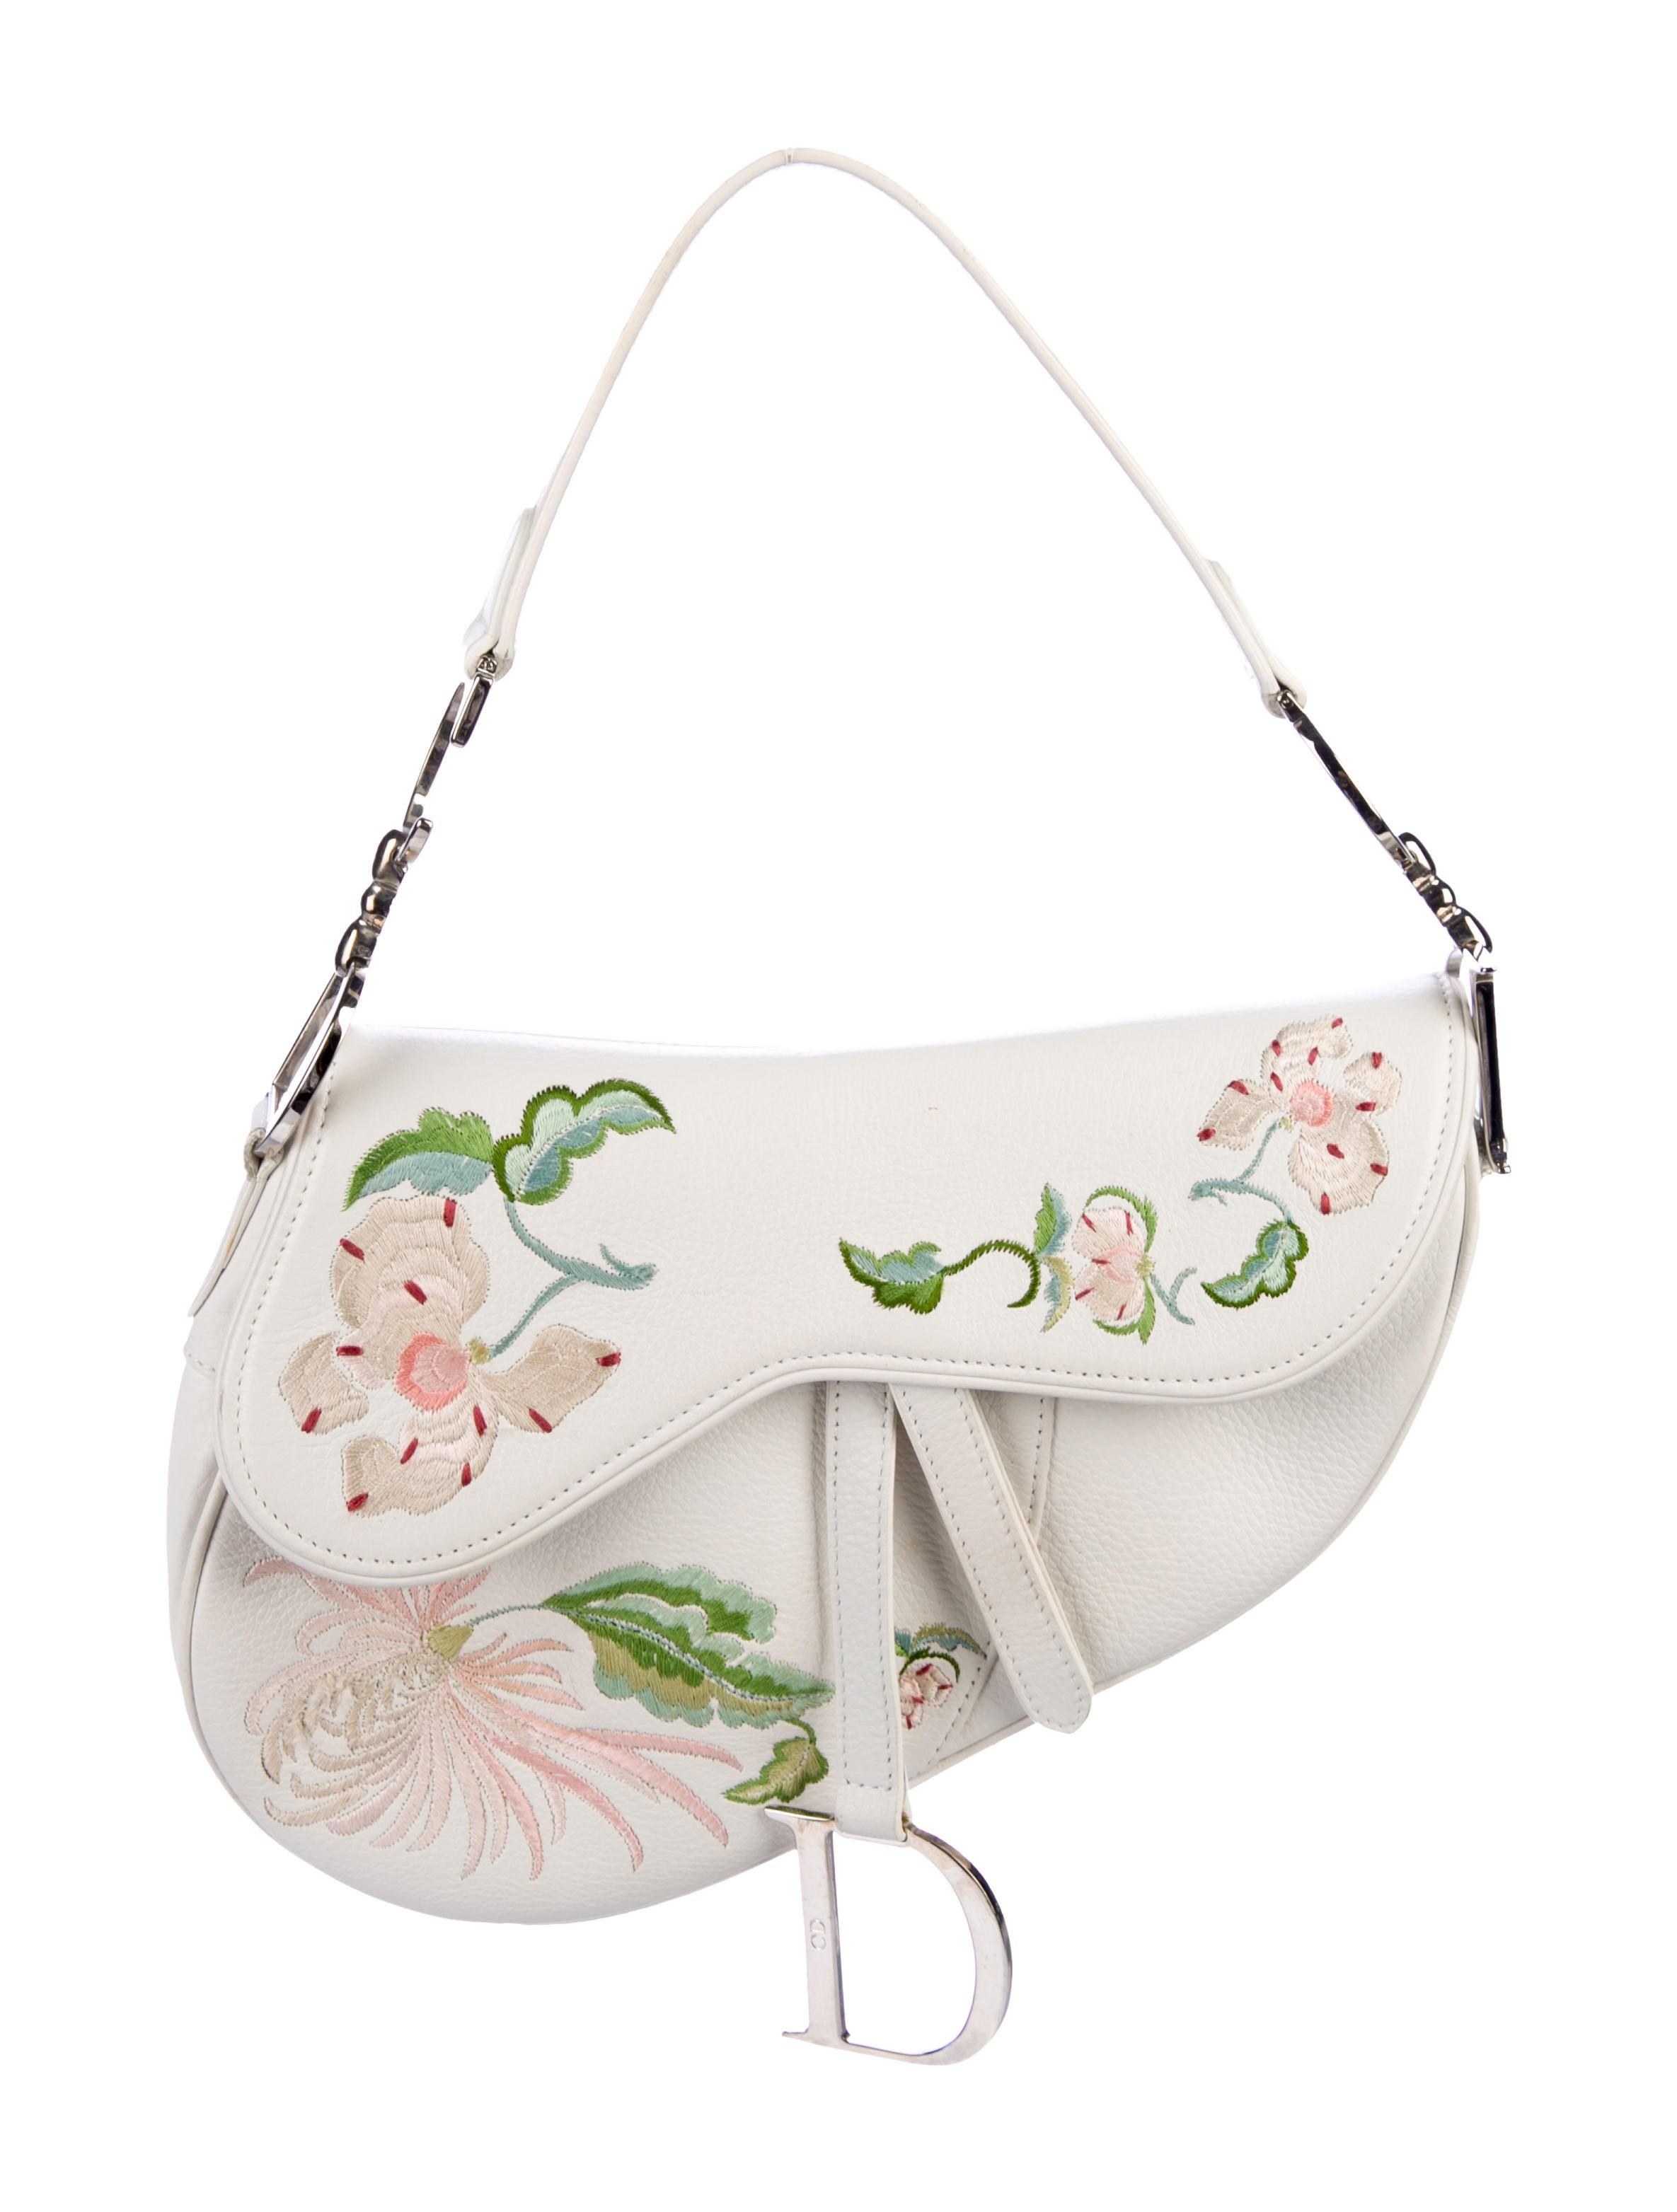 Christian Dior Embroidered Leather Saddle Bag - Handbags - CHR87765 ... 42098dfe885b8